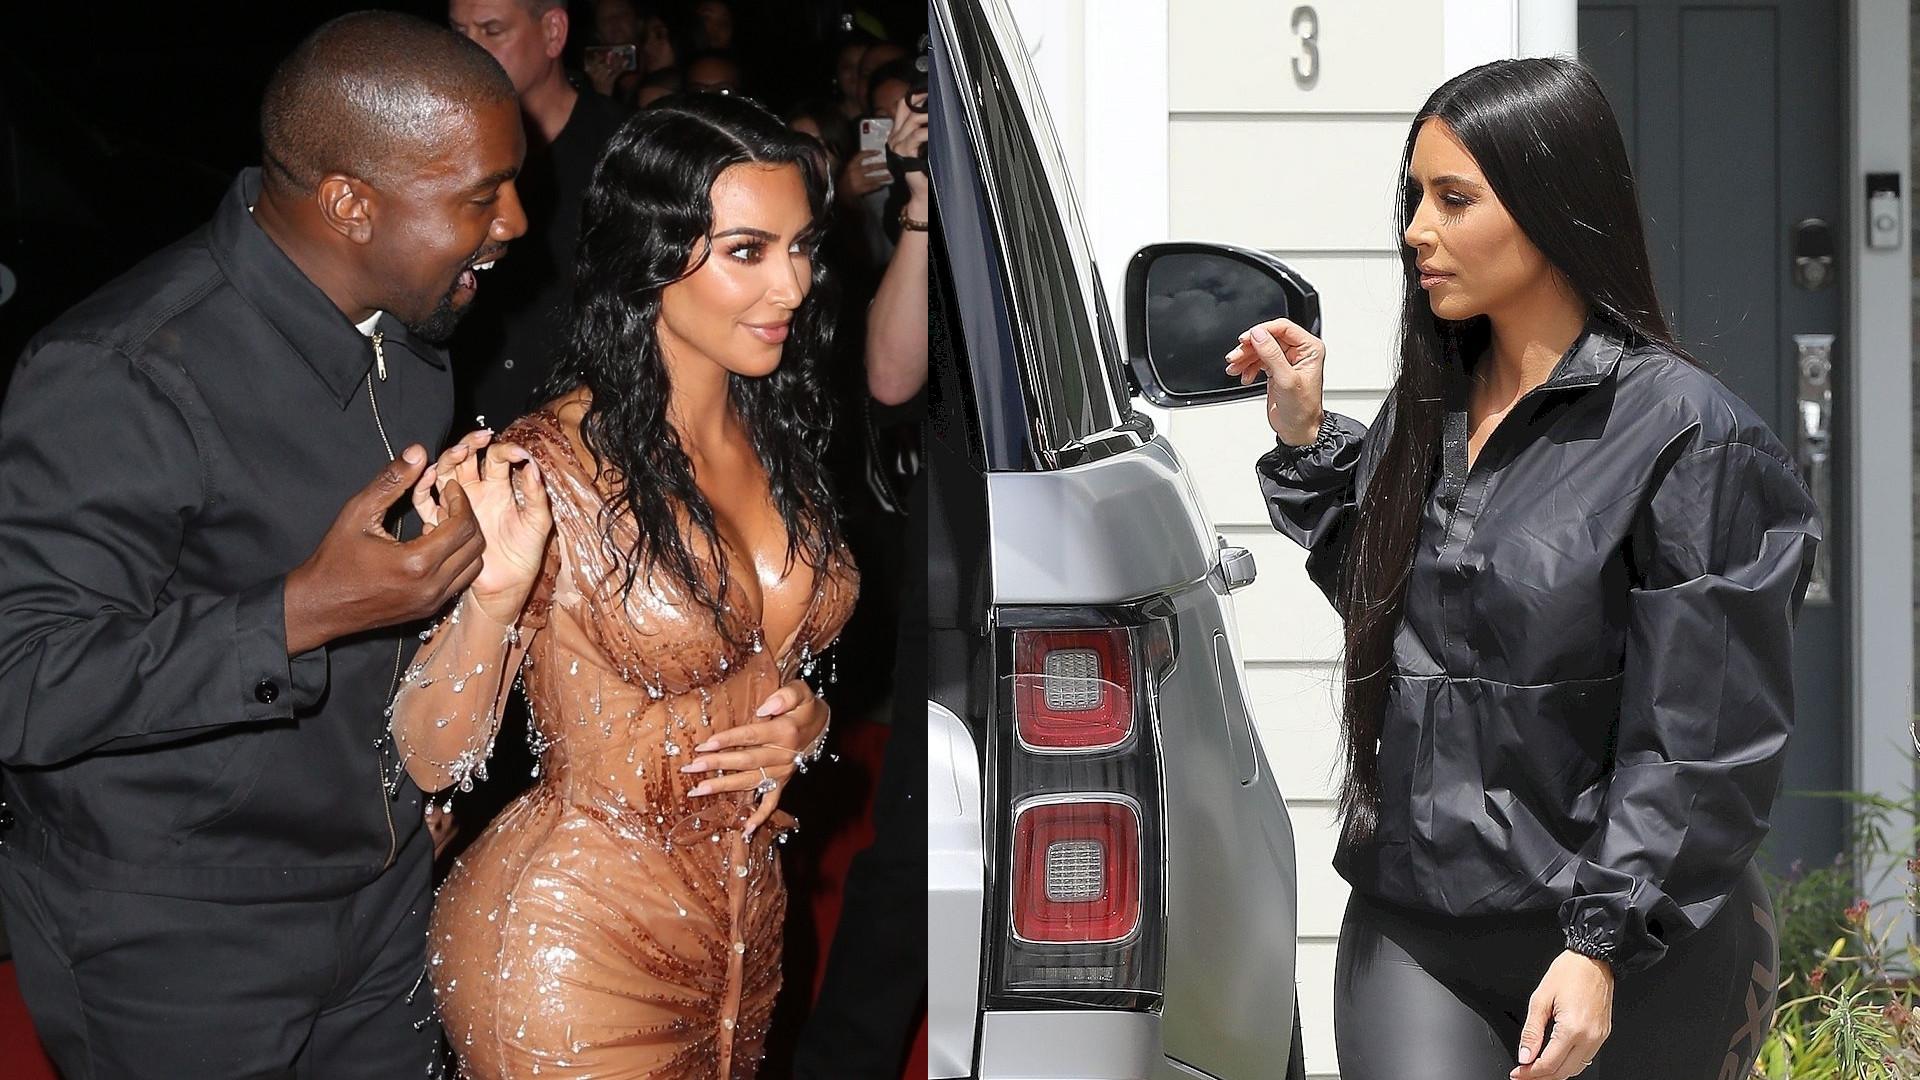 Czwarte dziecko Kim Kardashian jest już na świecie? Surogatka zaczęła rodzić 9 maja